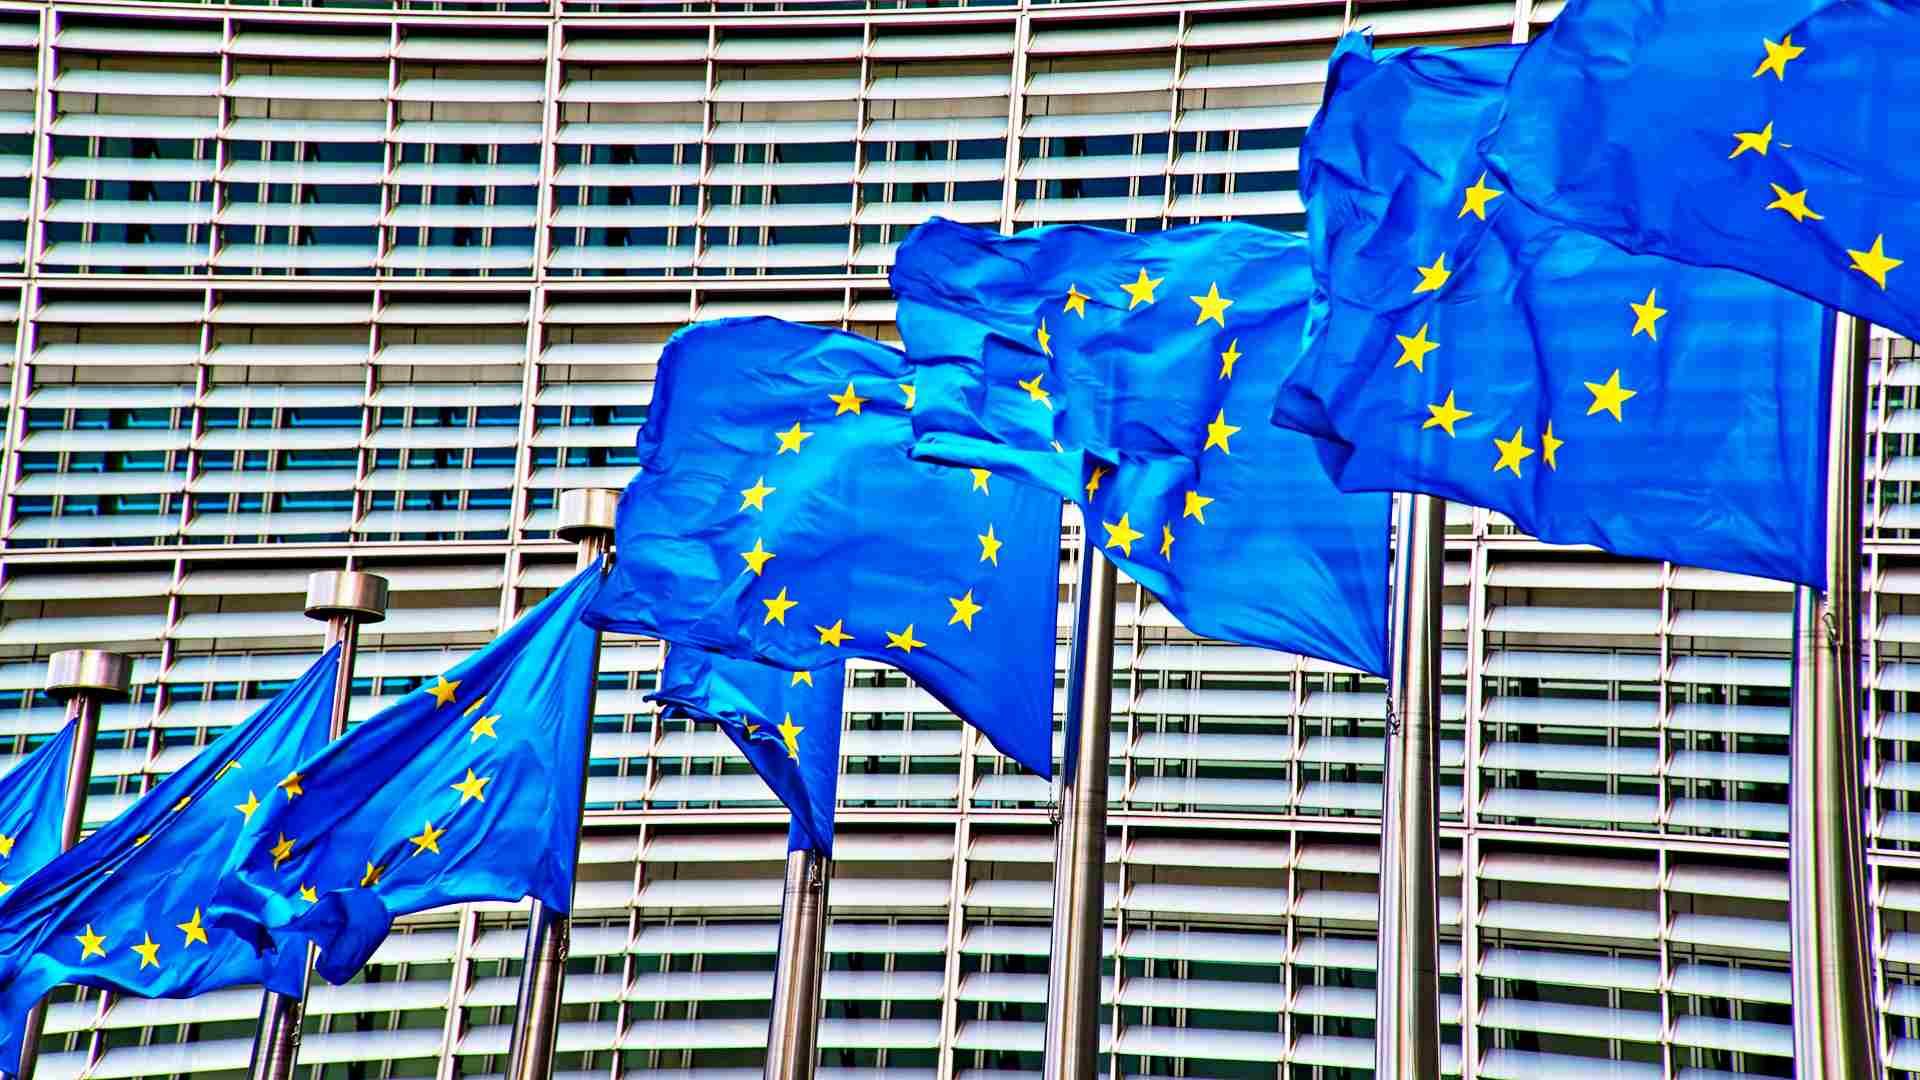 Europai Bizottsag fintech program